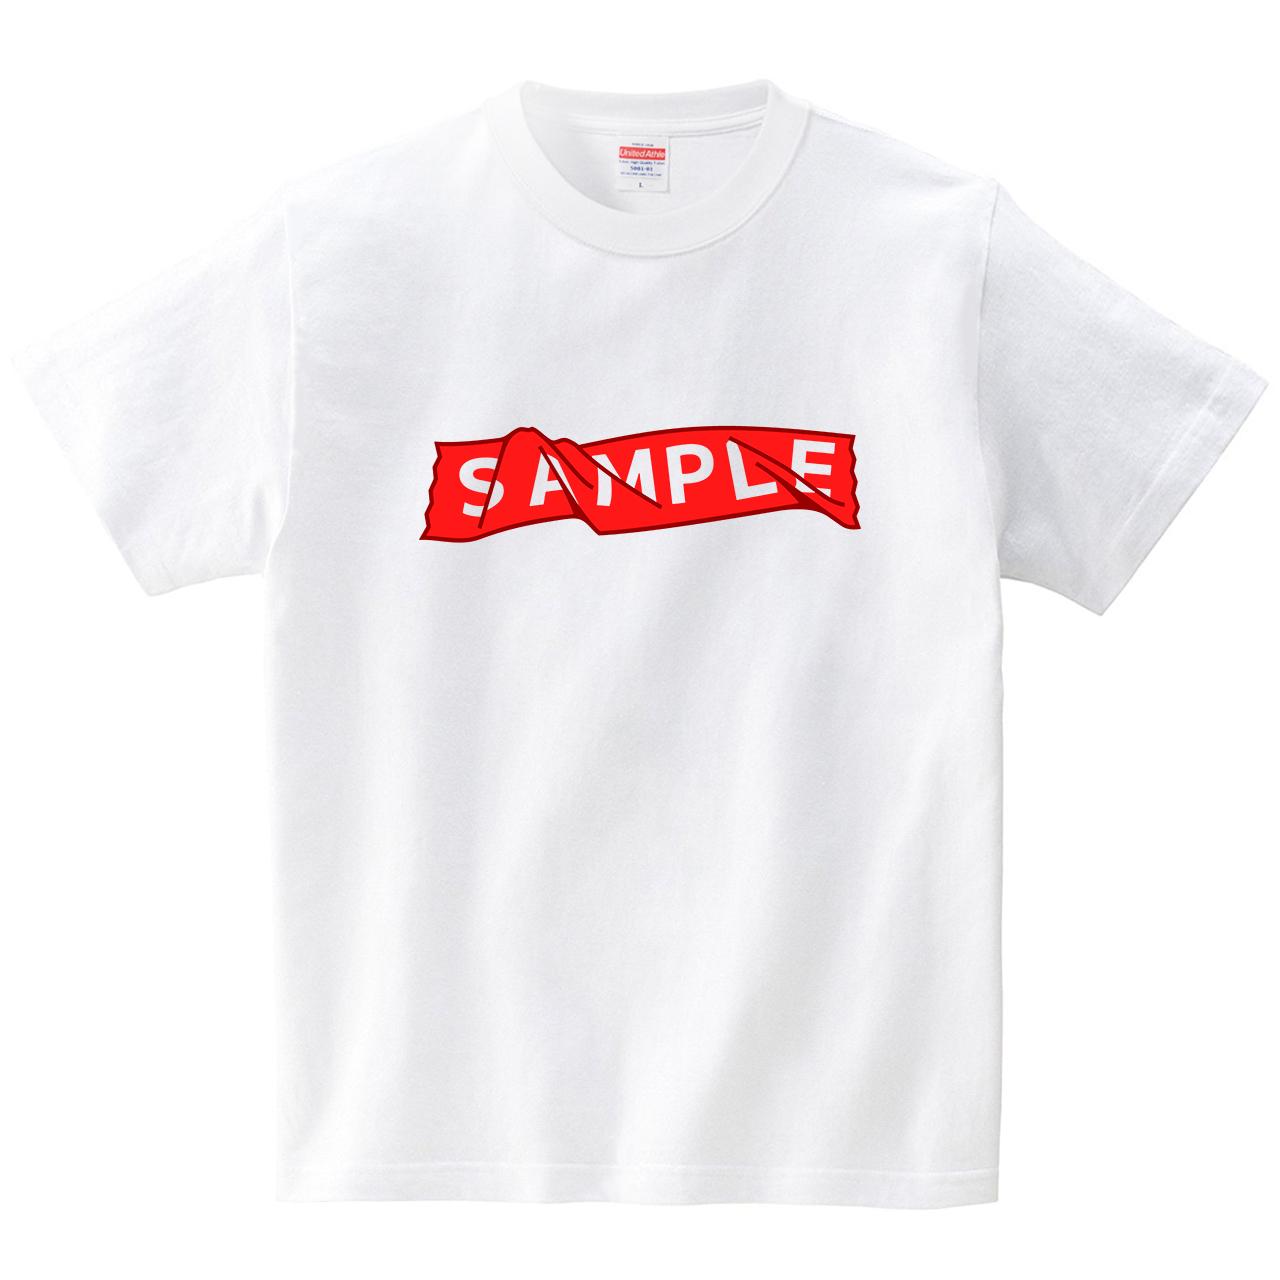 SAMPLEシール(Tシャツ・ホワイト)(犬田猫三郎)